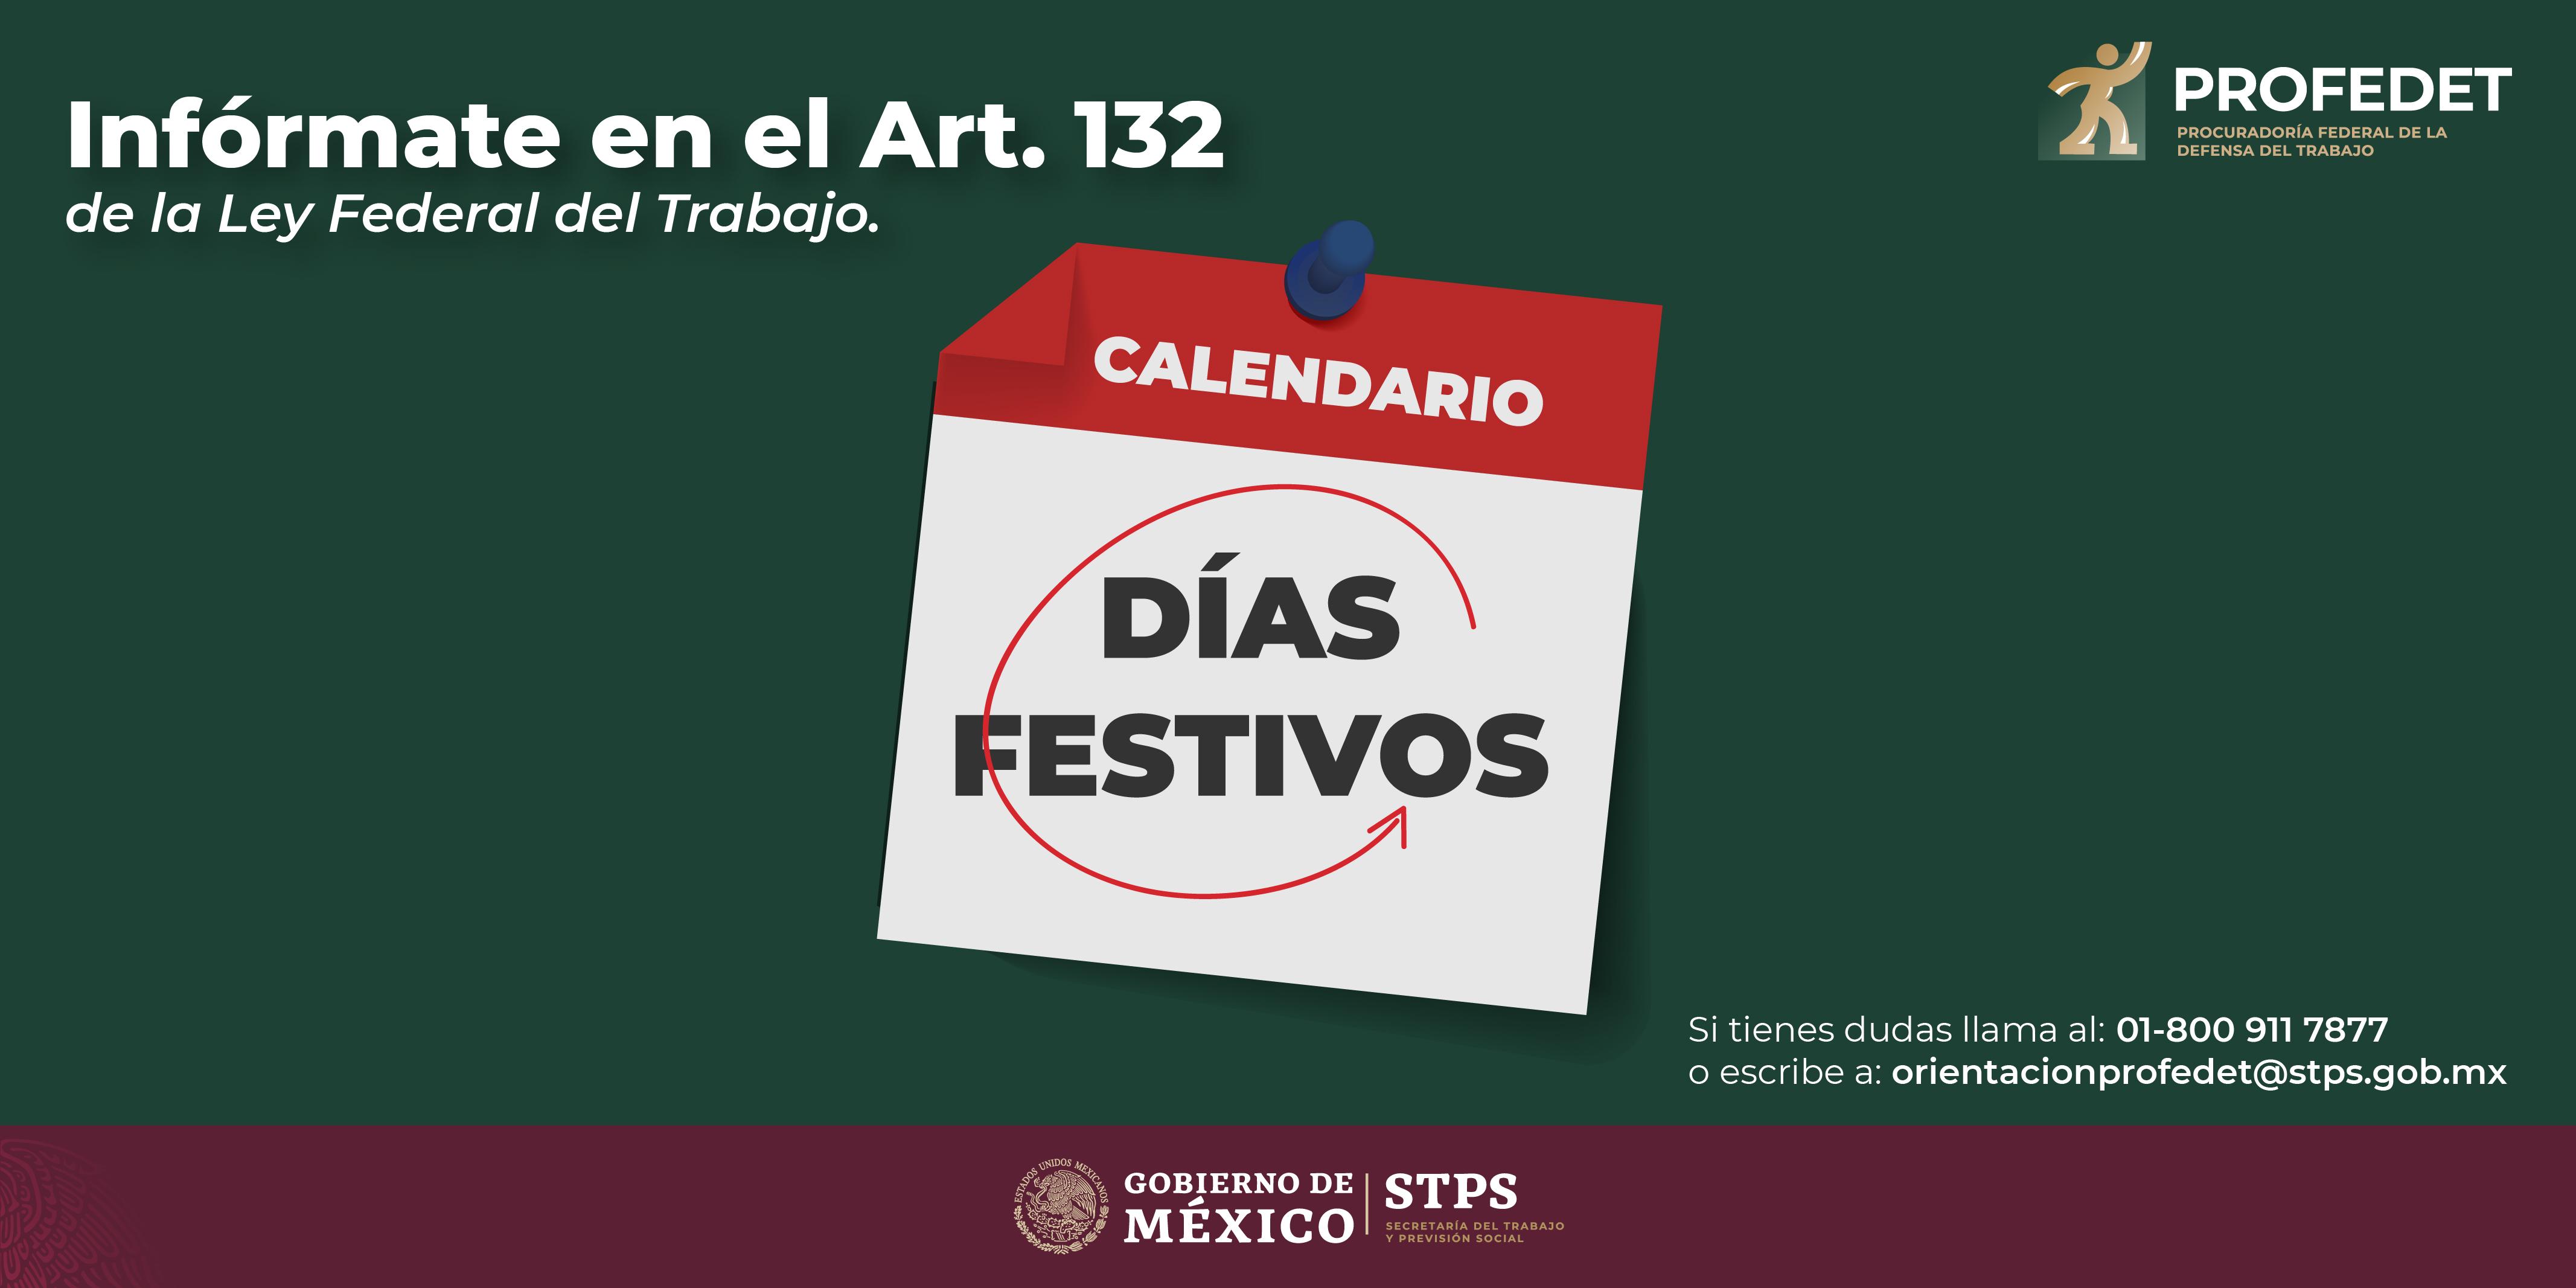 Días festivos reglamentados en el Art. 132 de la Ley Federal del Trabajo